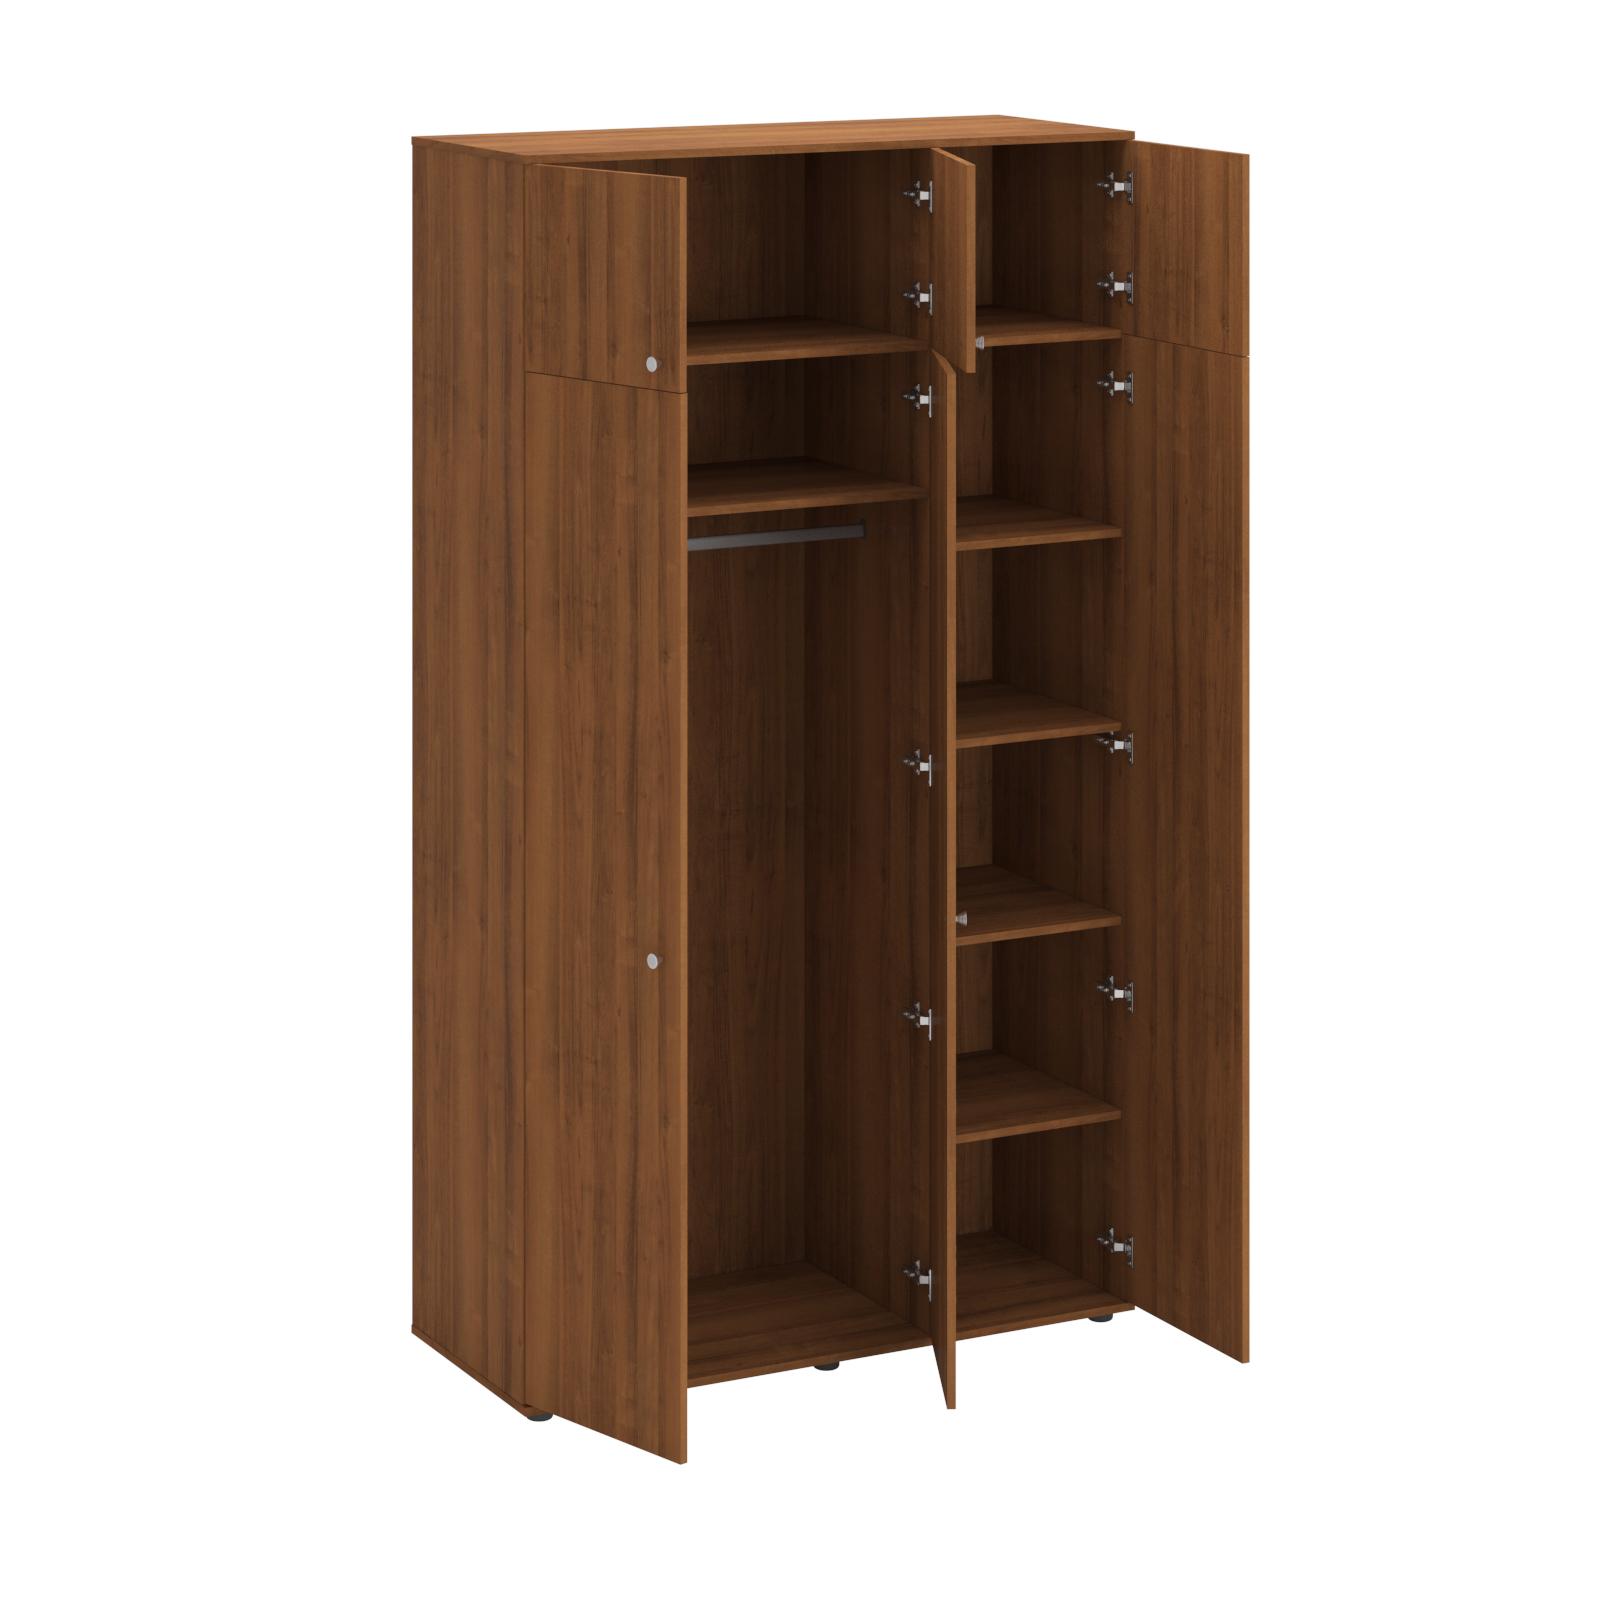 Шкаф для одежды 3-створчатый с антресолью (4 полки и штанга для вешалок)